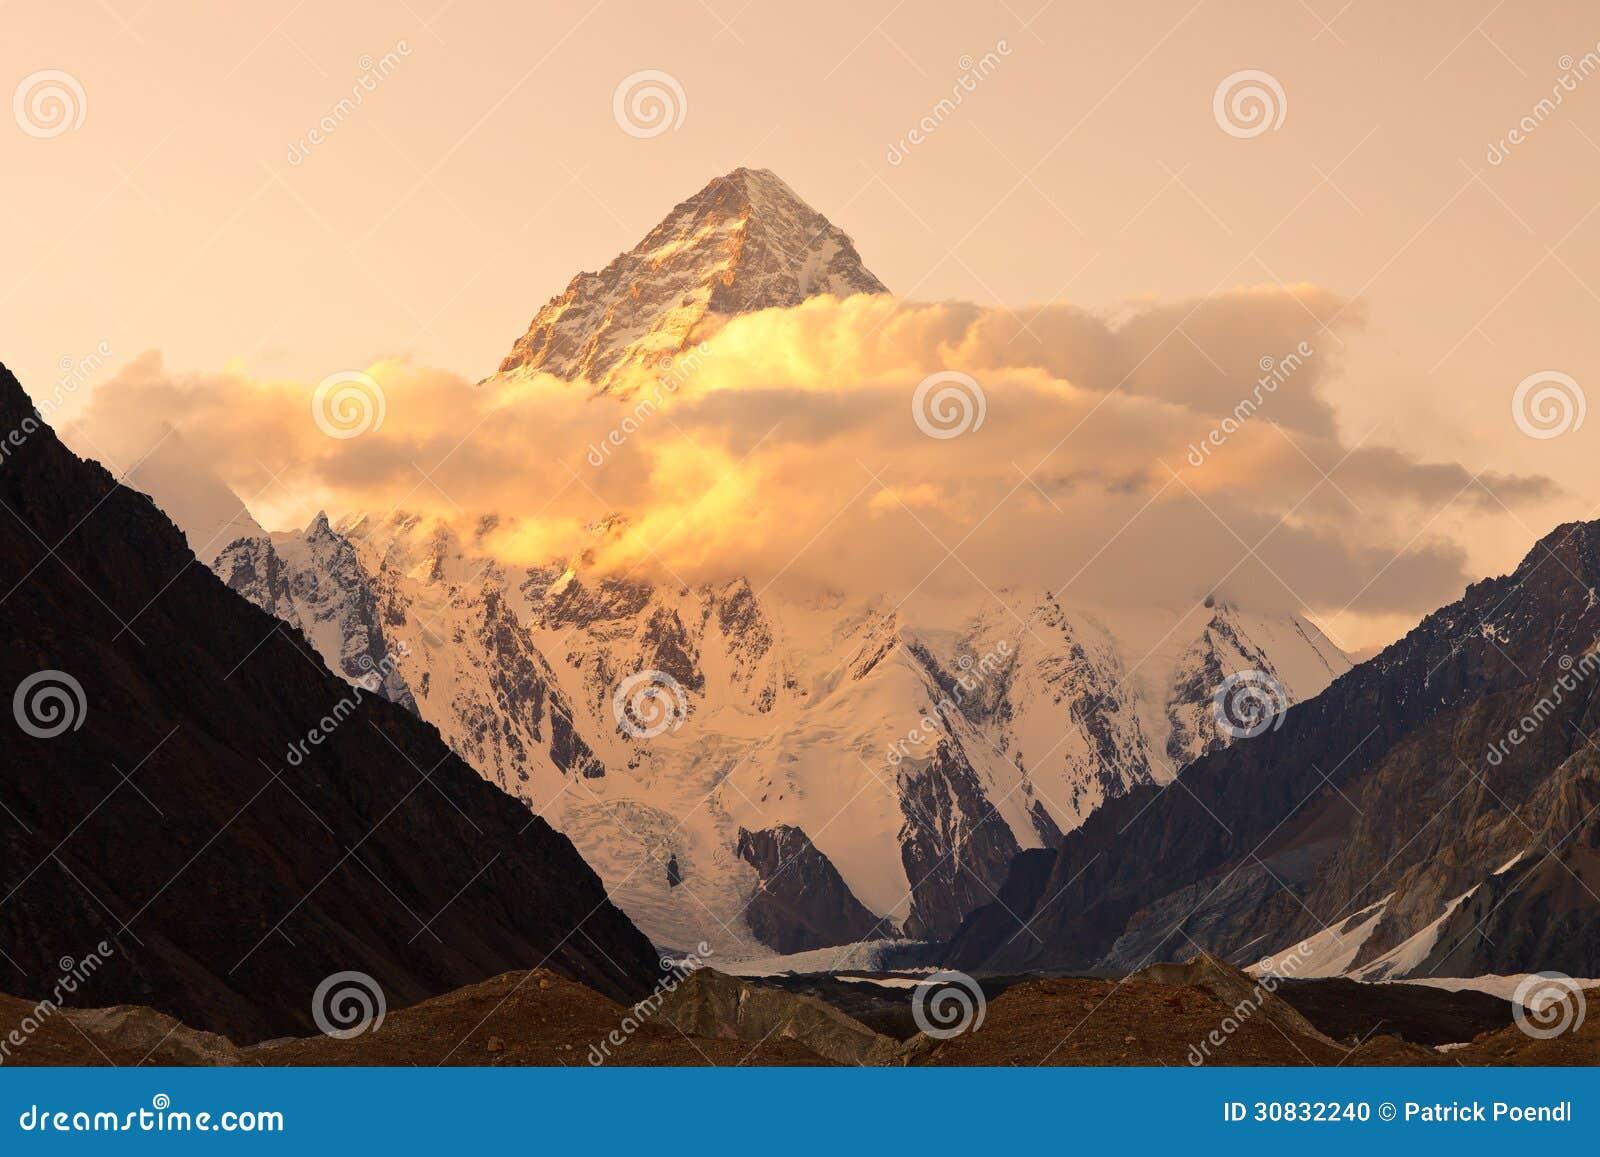 K2 in Pakistan bei Sonnenuntergang